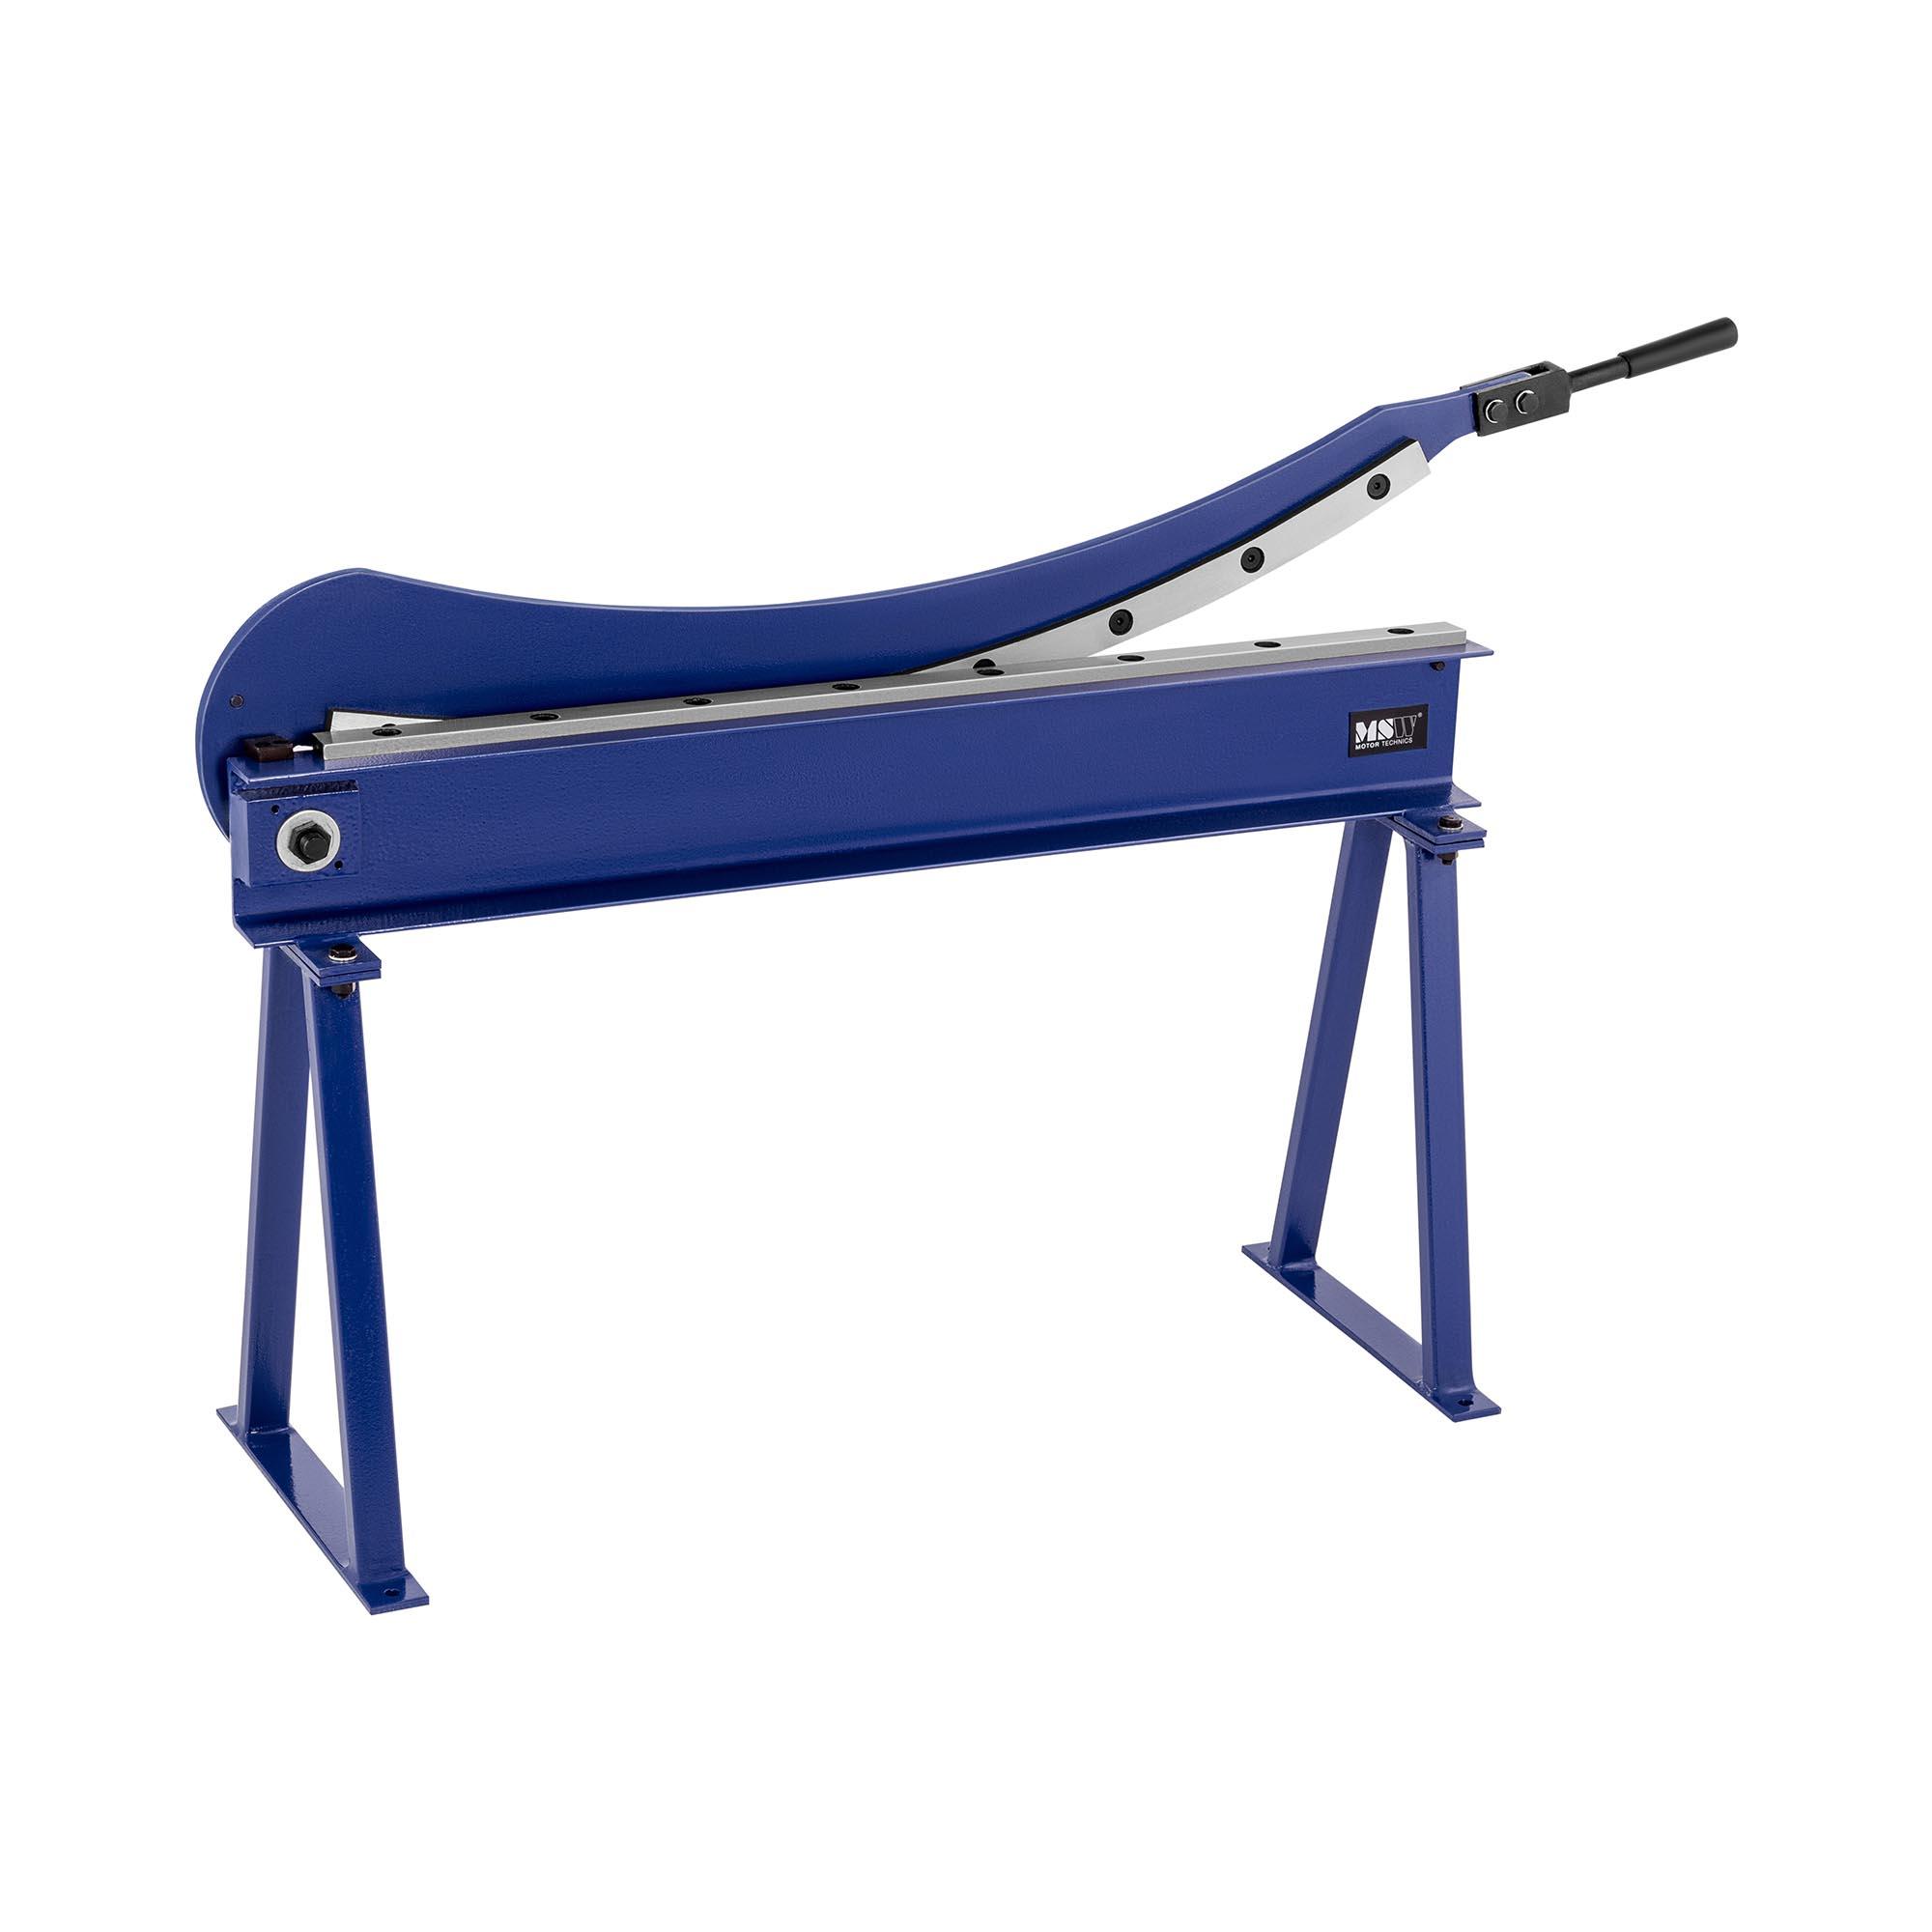 MSW Metallplateklipper - 1000 mm snittlengde - inkl. stativ 10060949